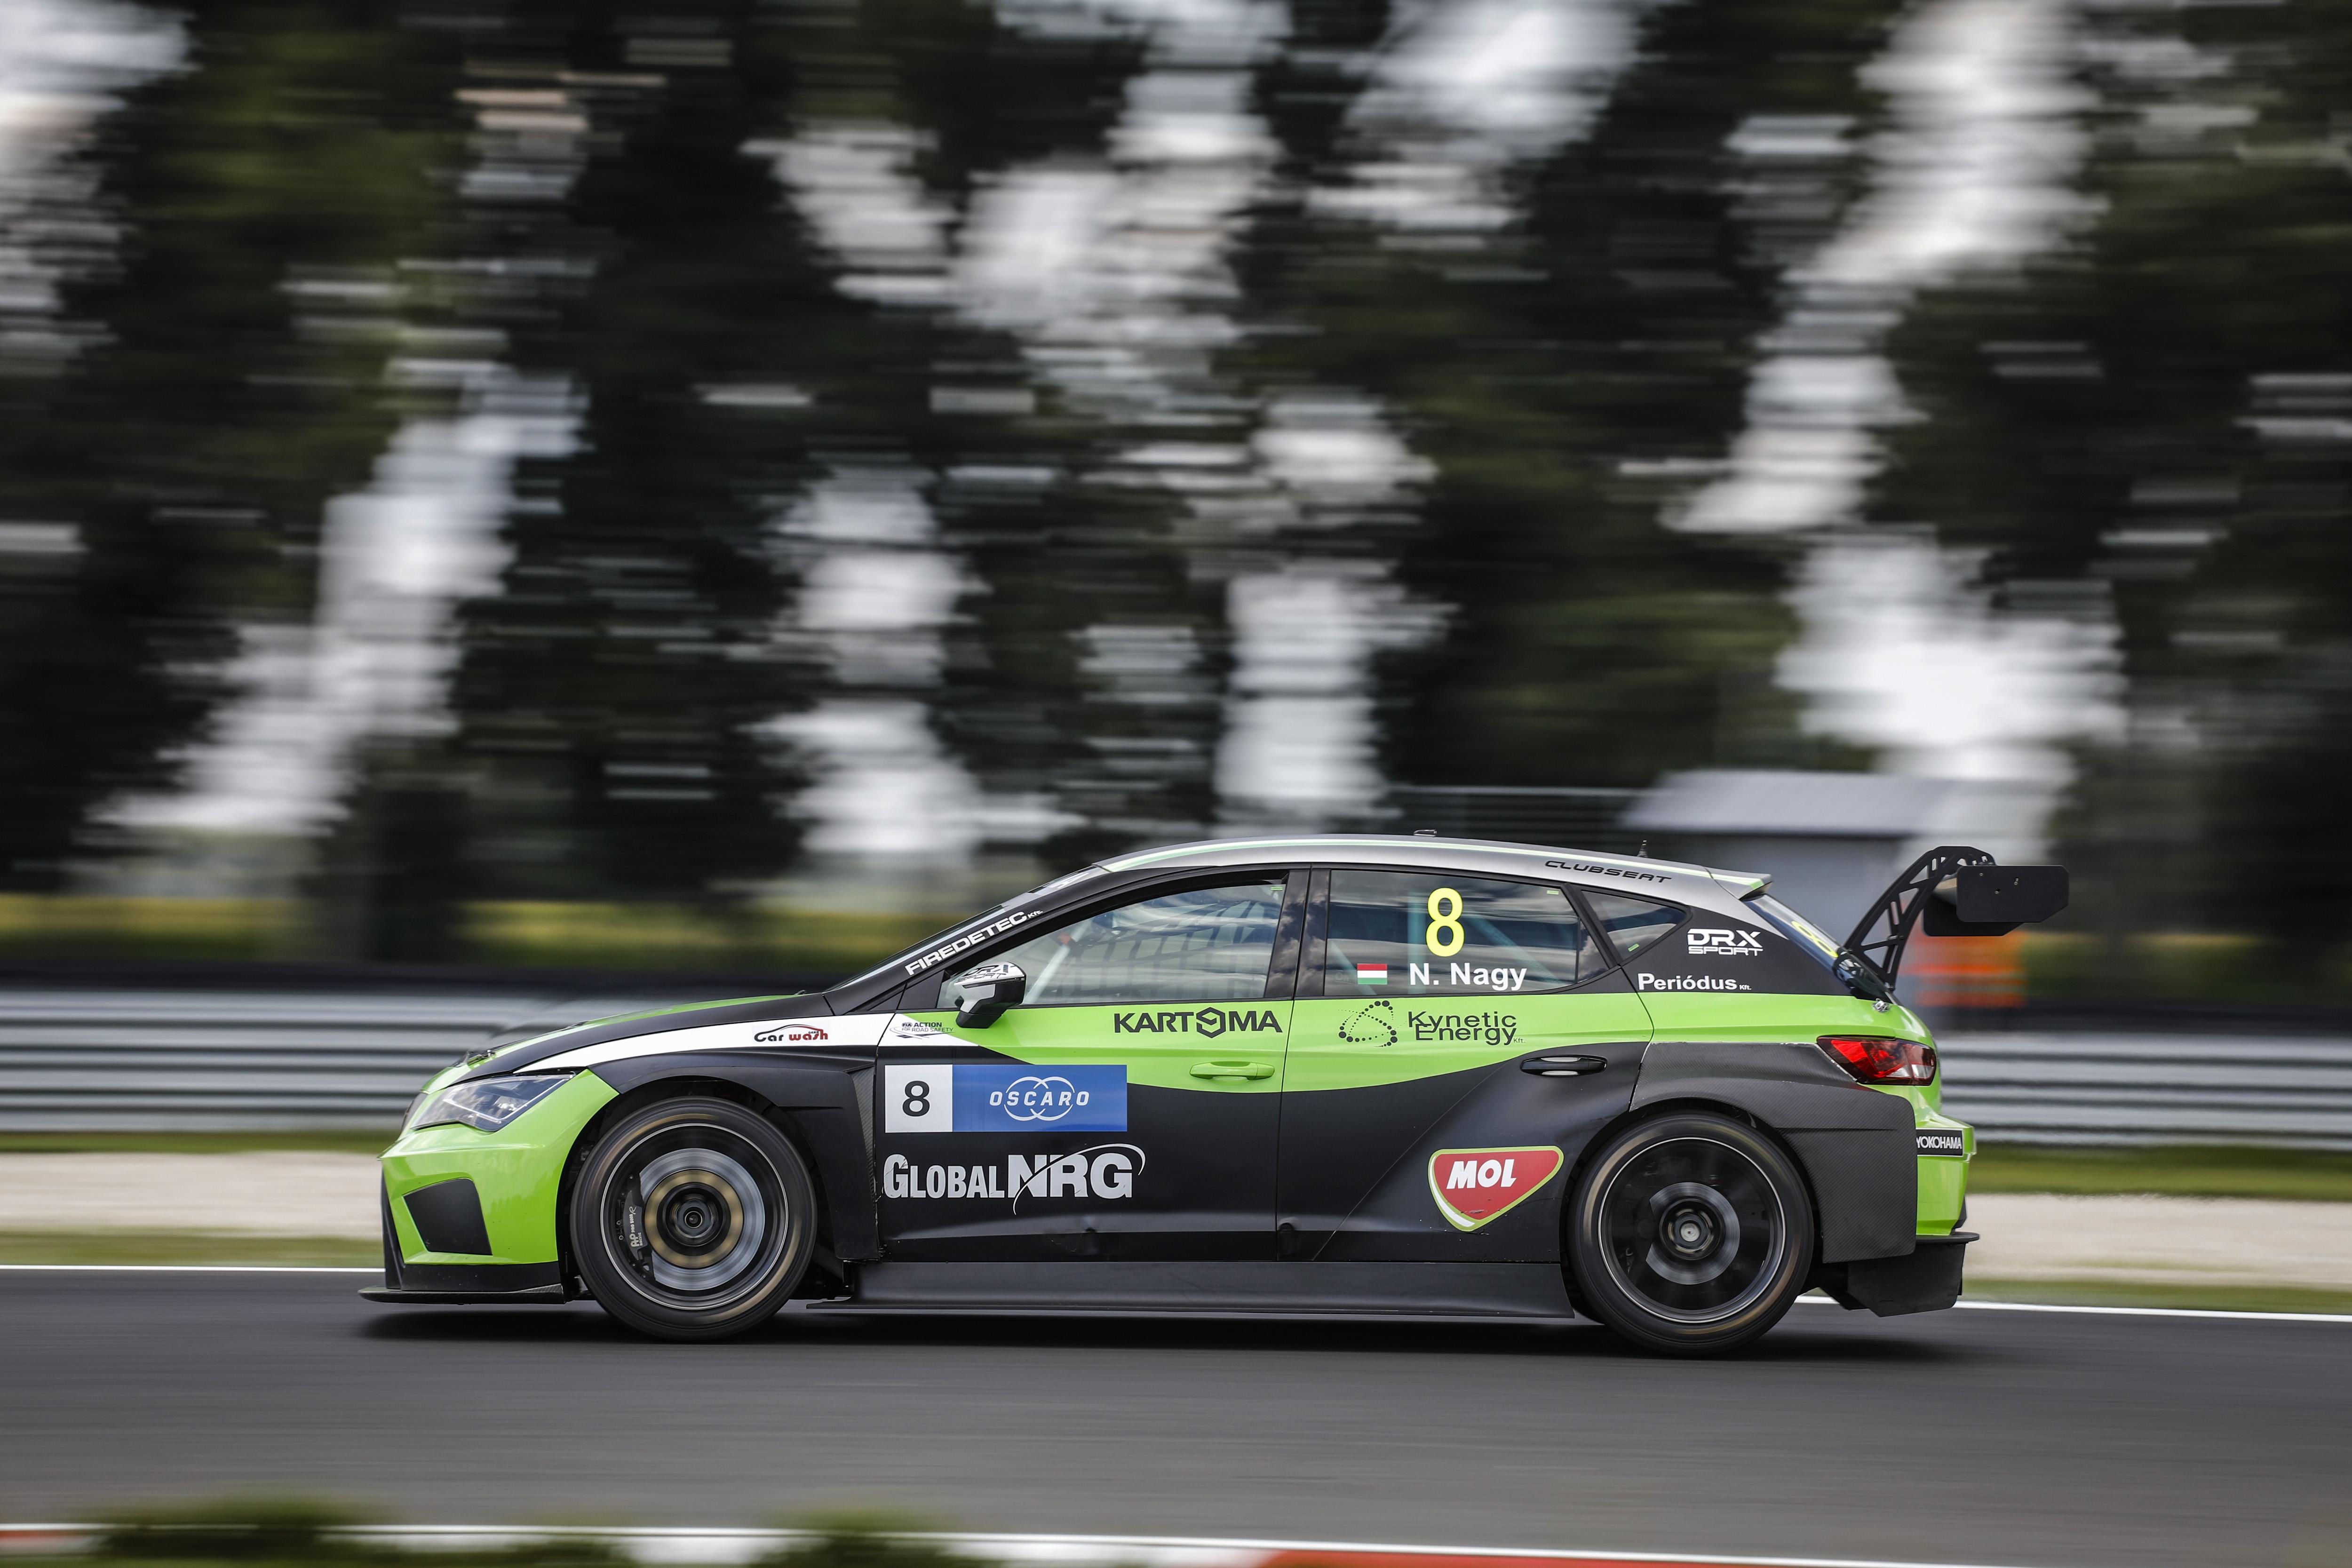 ナギー、リバース・グリッドのレース2で、初のWTCR DHLポールポジションを獲得